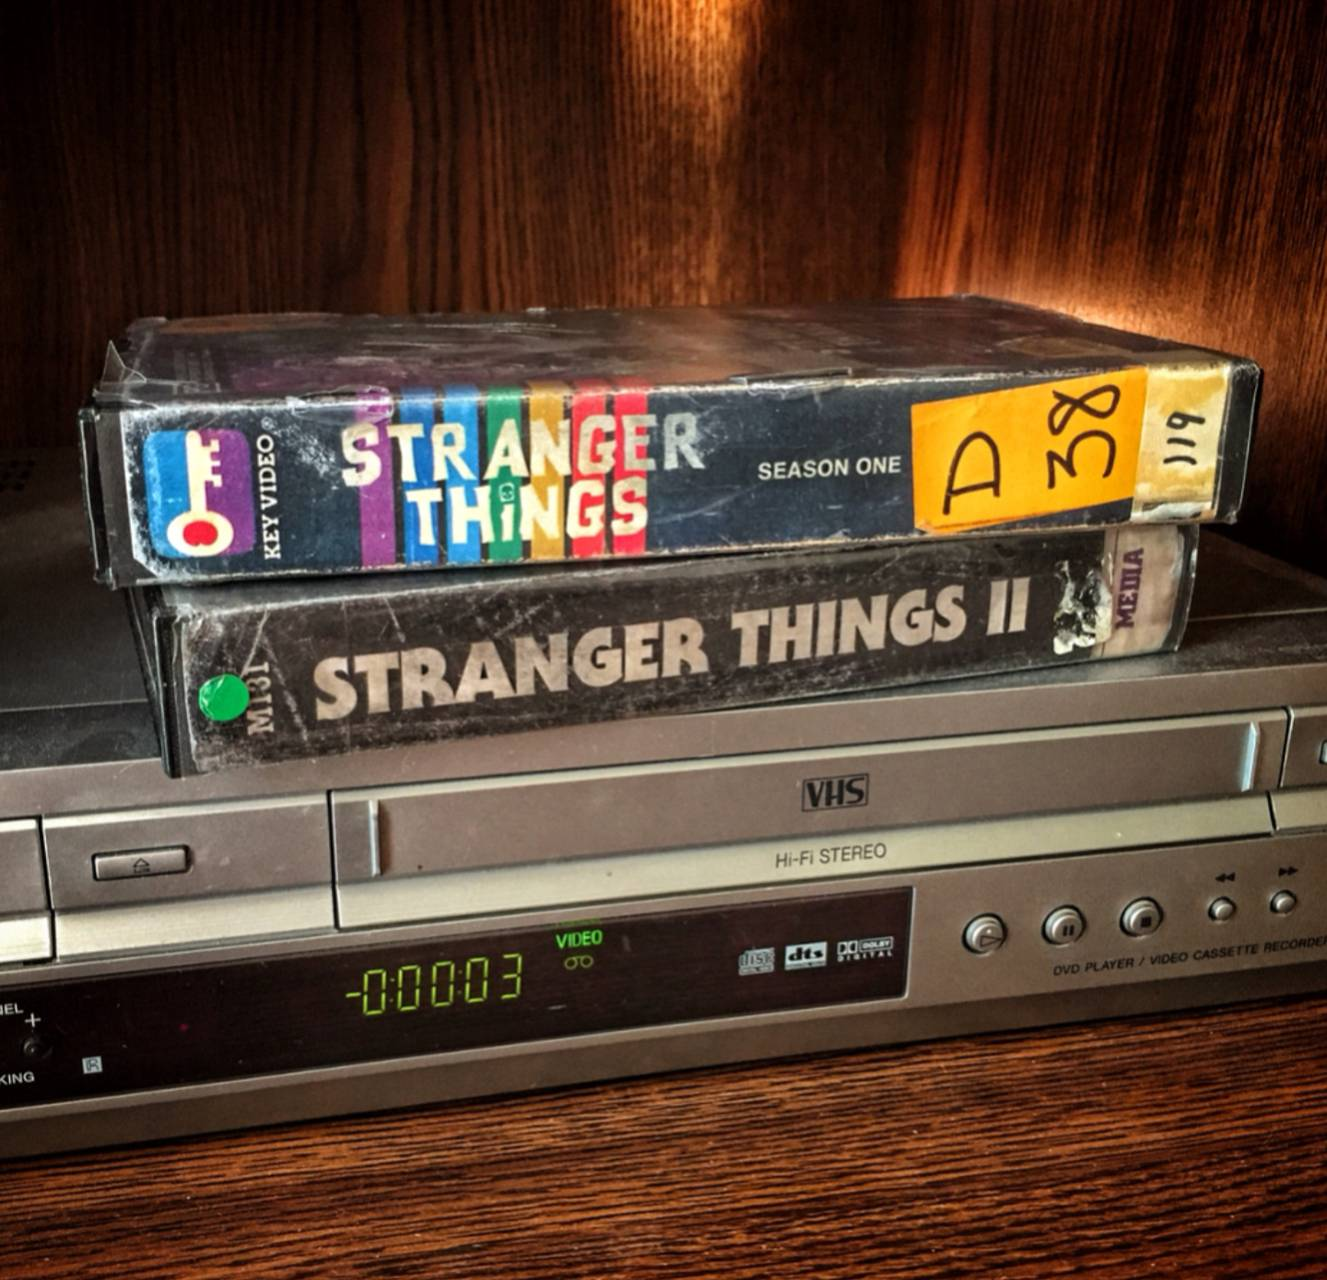 Stranger things VHS